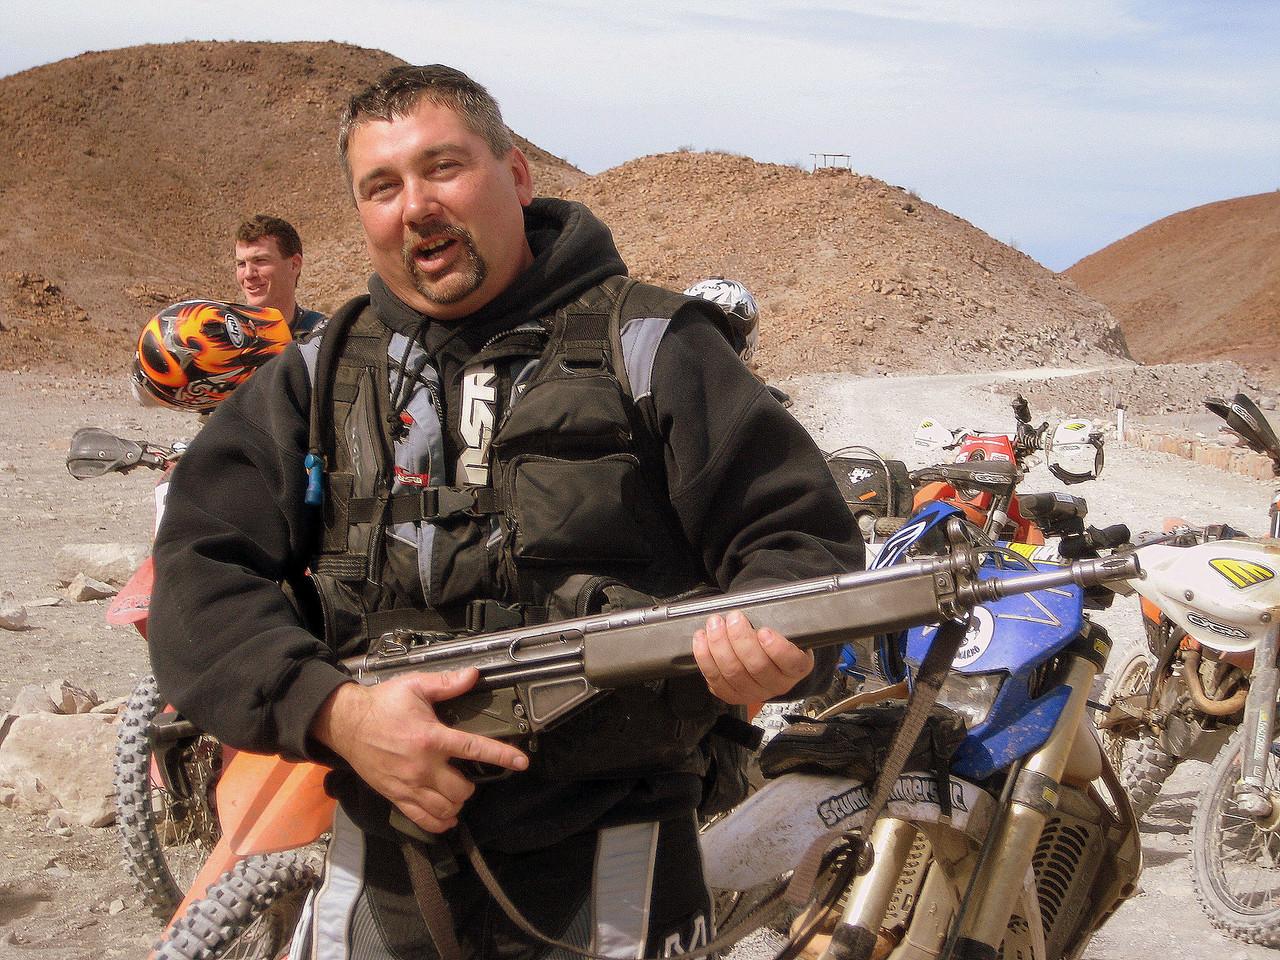 kurt holding a federali gun